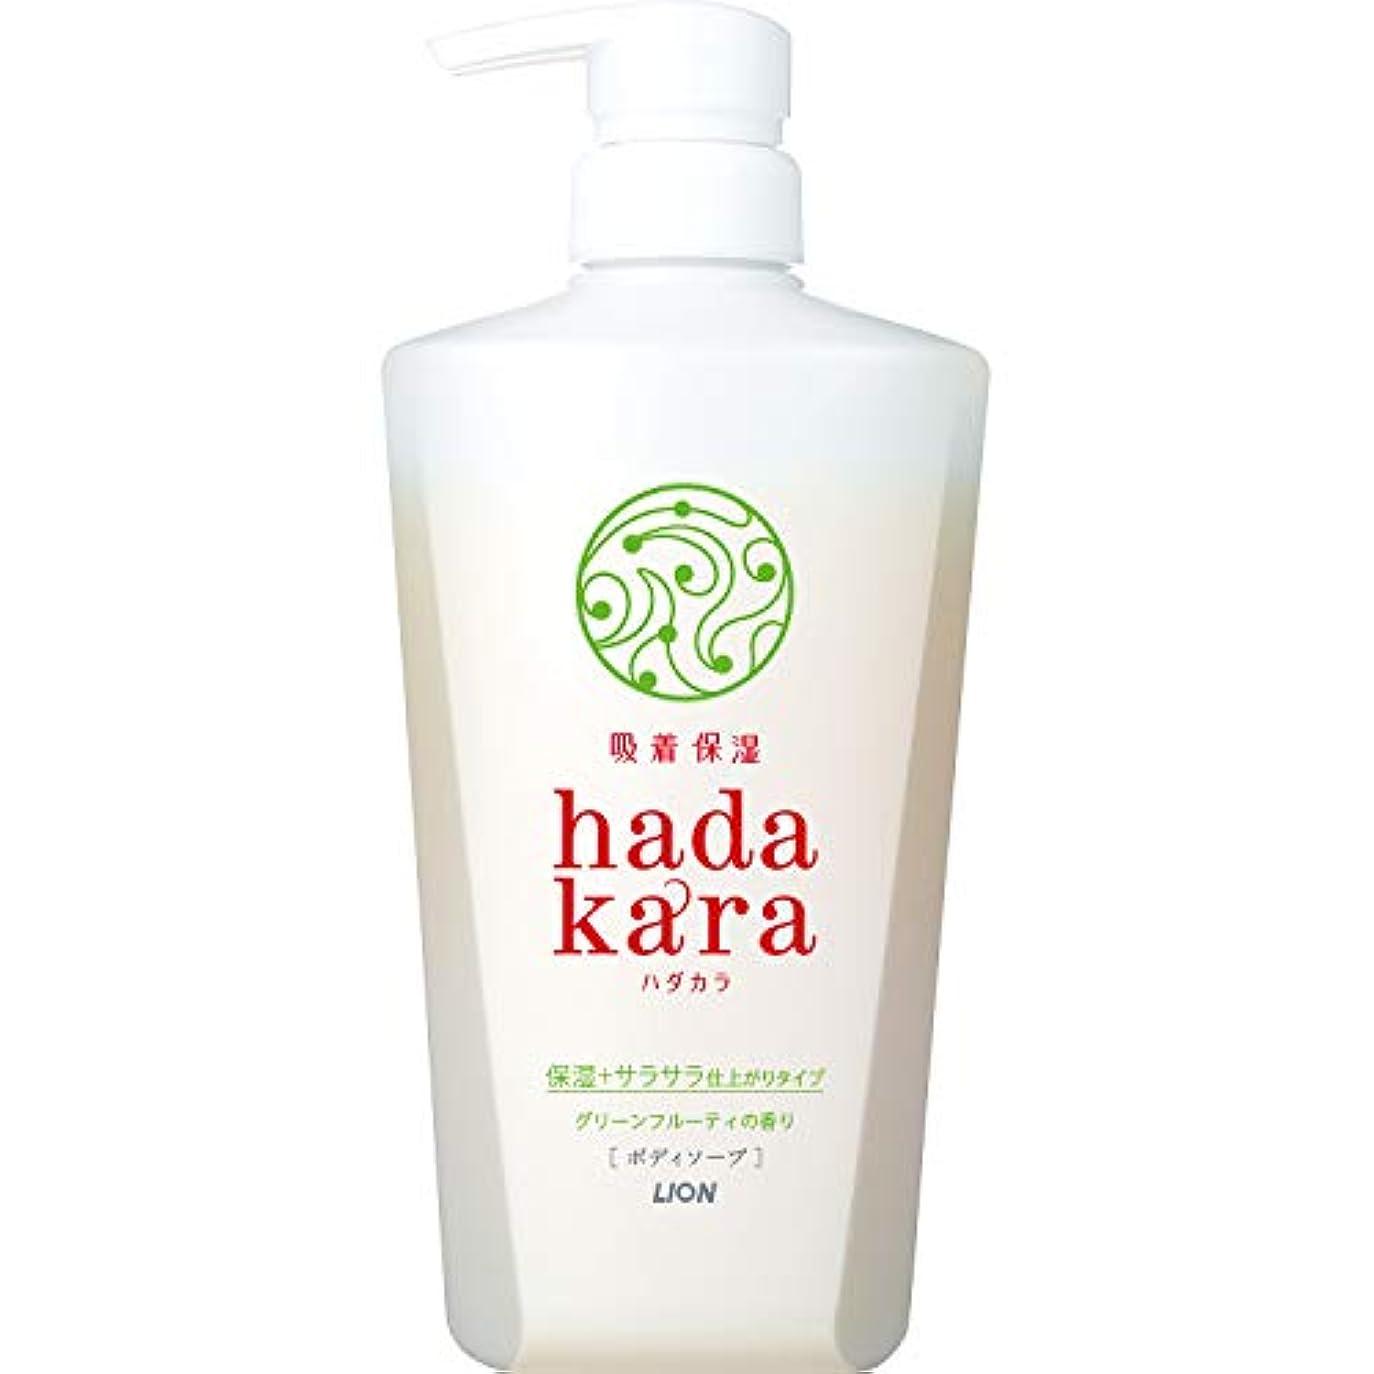 アーサー順応性のある栄光のhadakara(ハダカラ) ボディソープ 保湿+サラサラ仕上がりタイプ グリーンフルーティの香り 本体 480ml